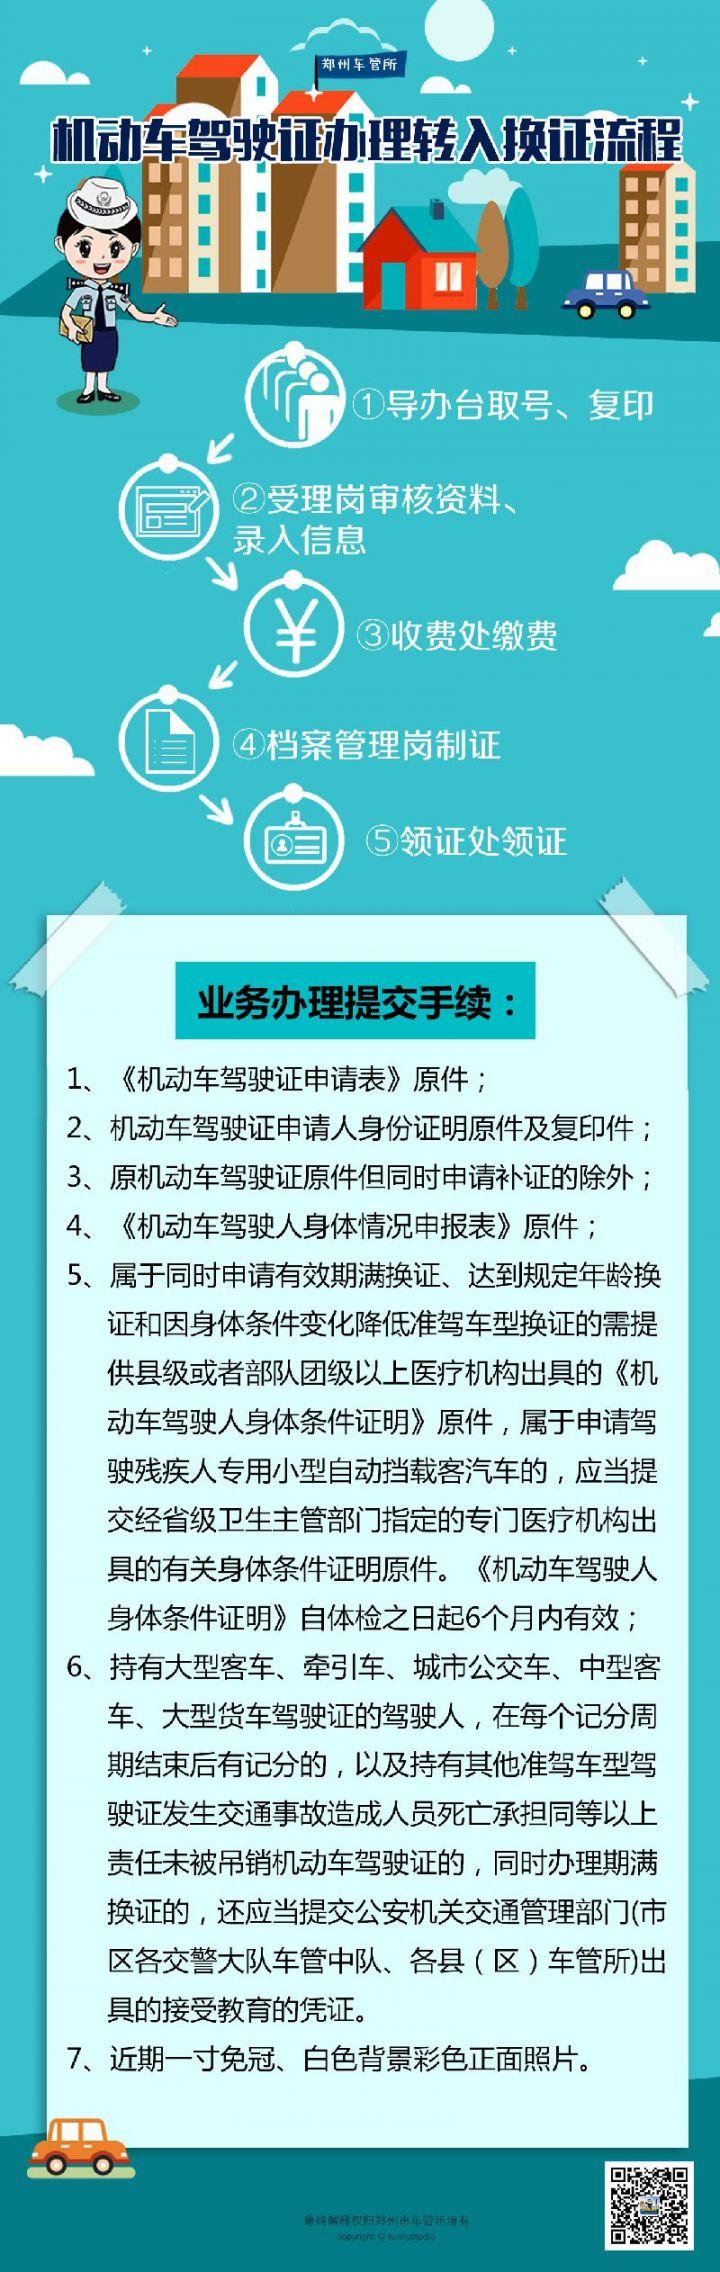 郑州驾驶证转入流程及材料一览